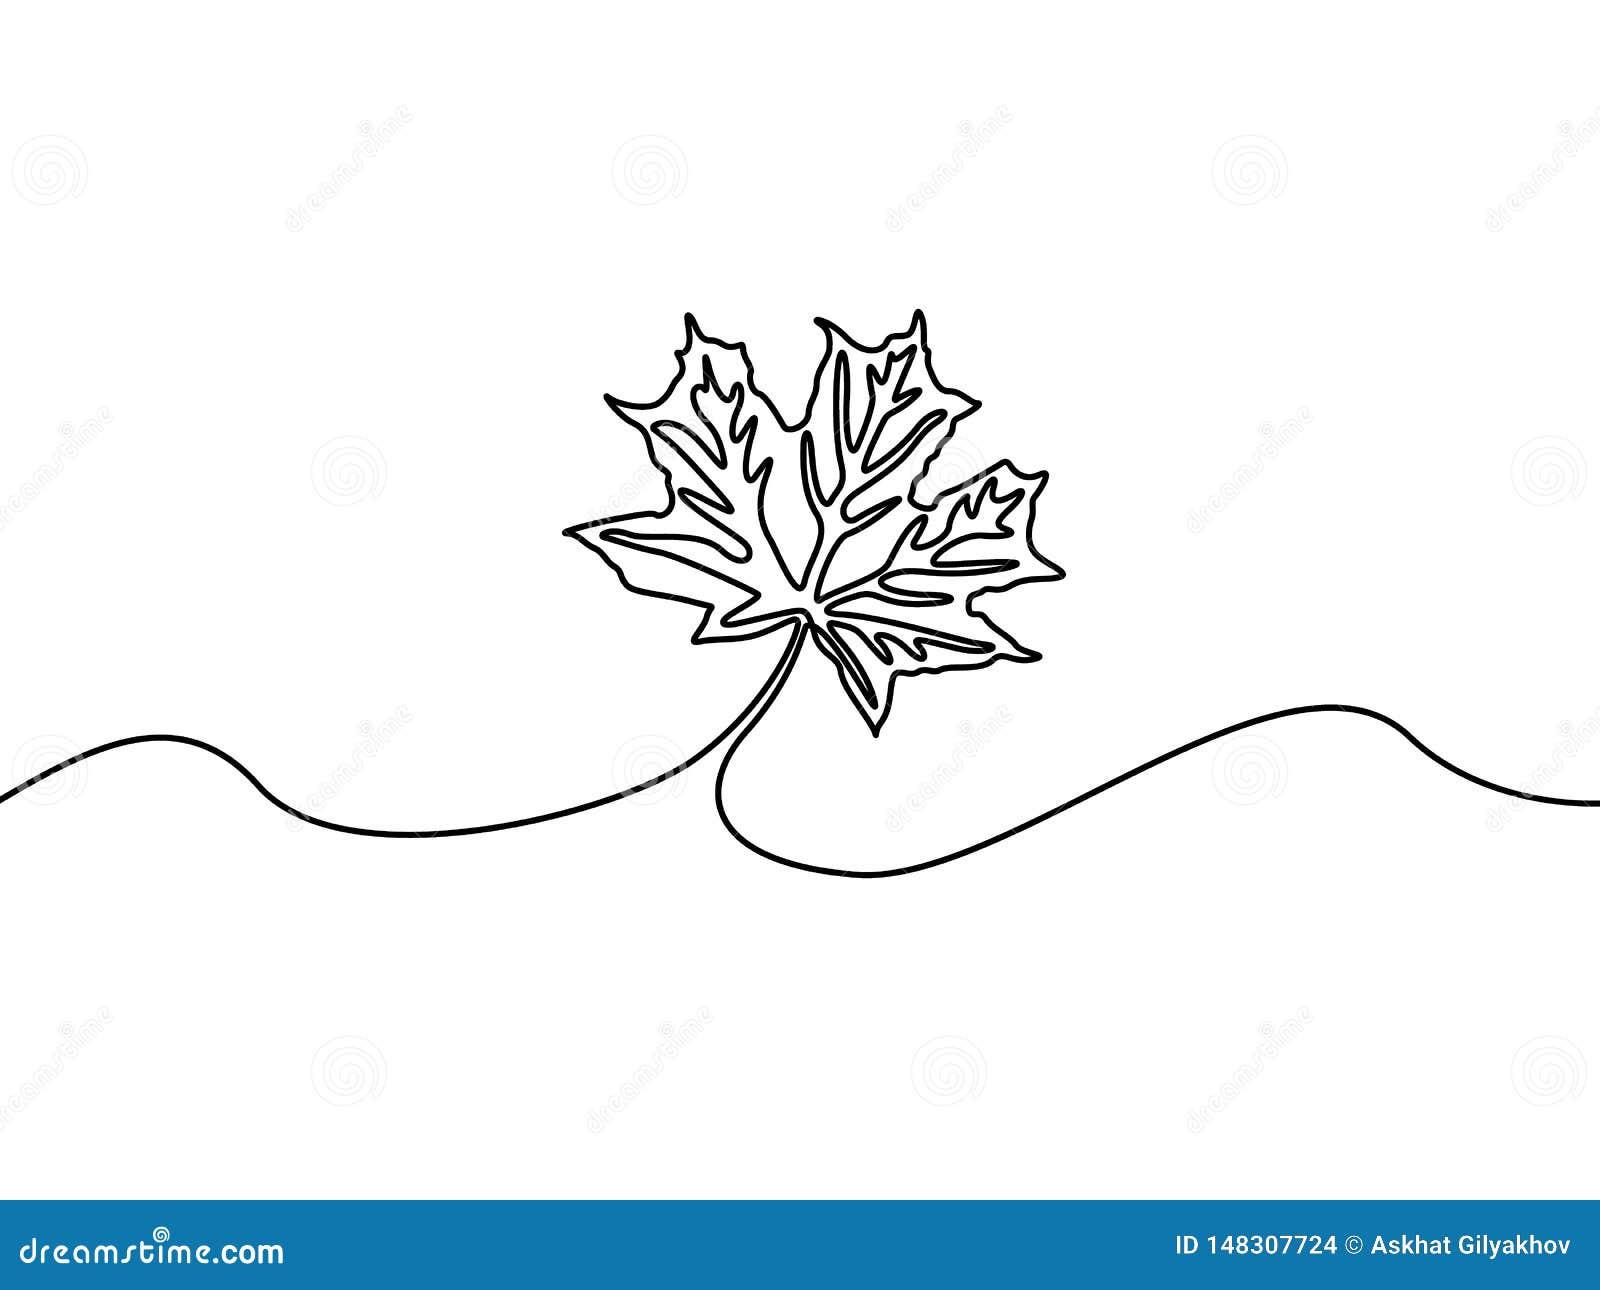 Continuous line maple leaf, nature. Autumn theme. Vector illustration.